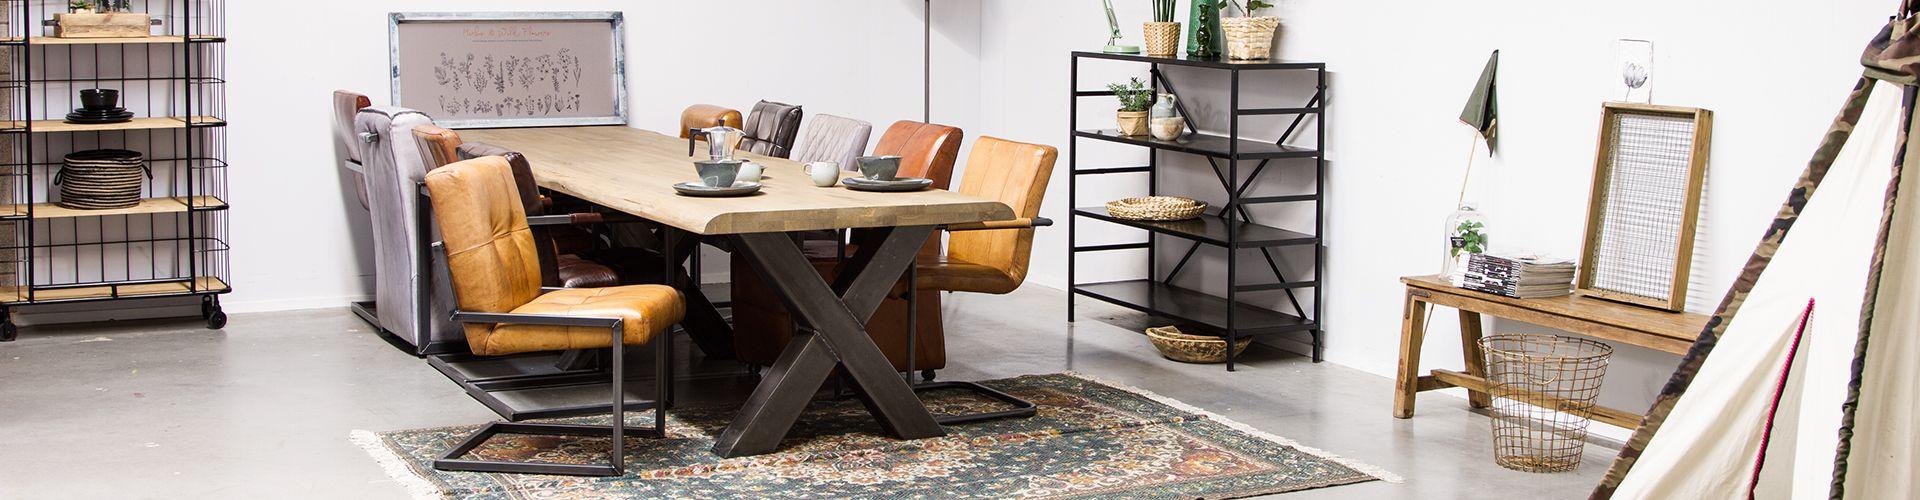 Tips voor vinden van industriële tafel / stoere houten tafel